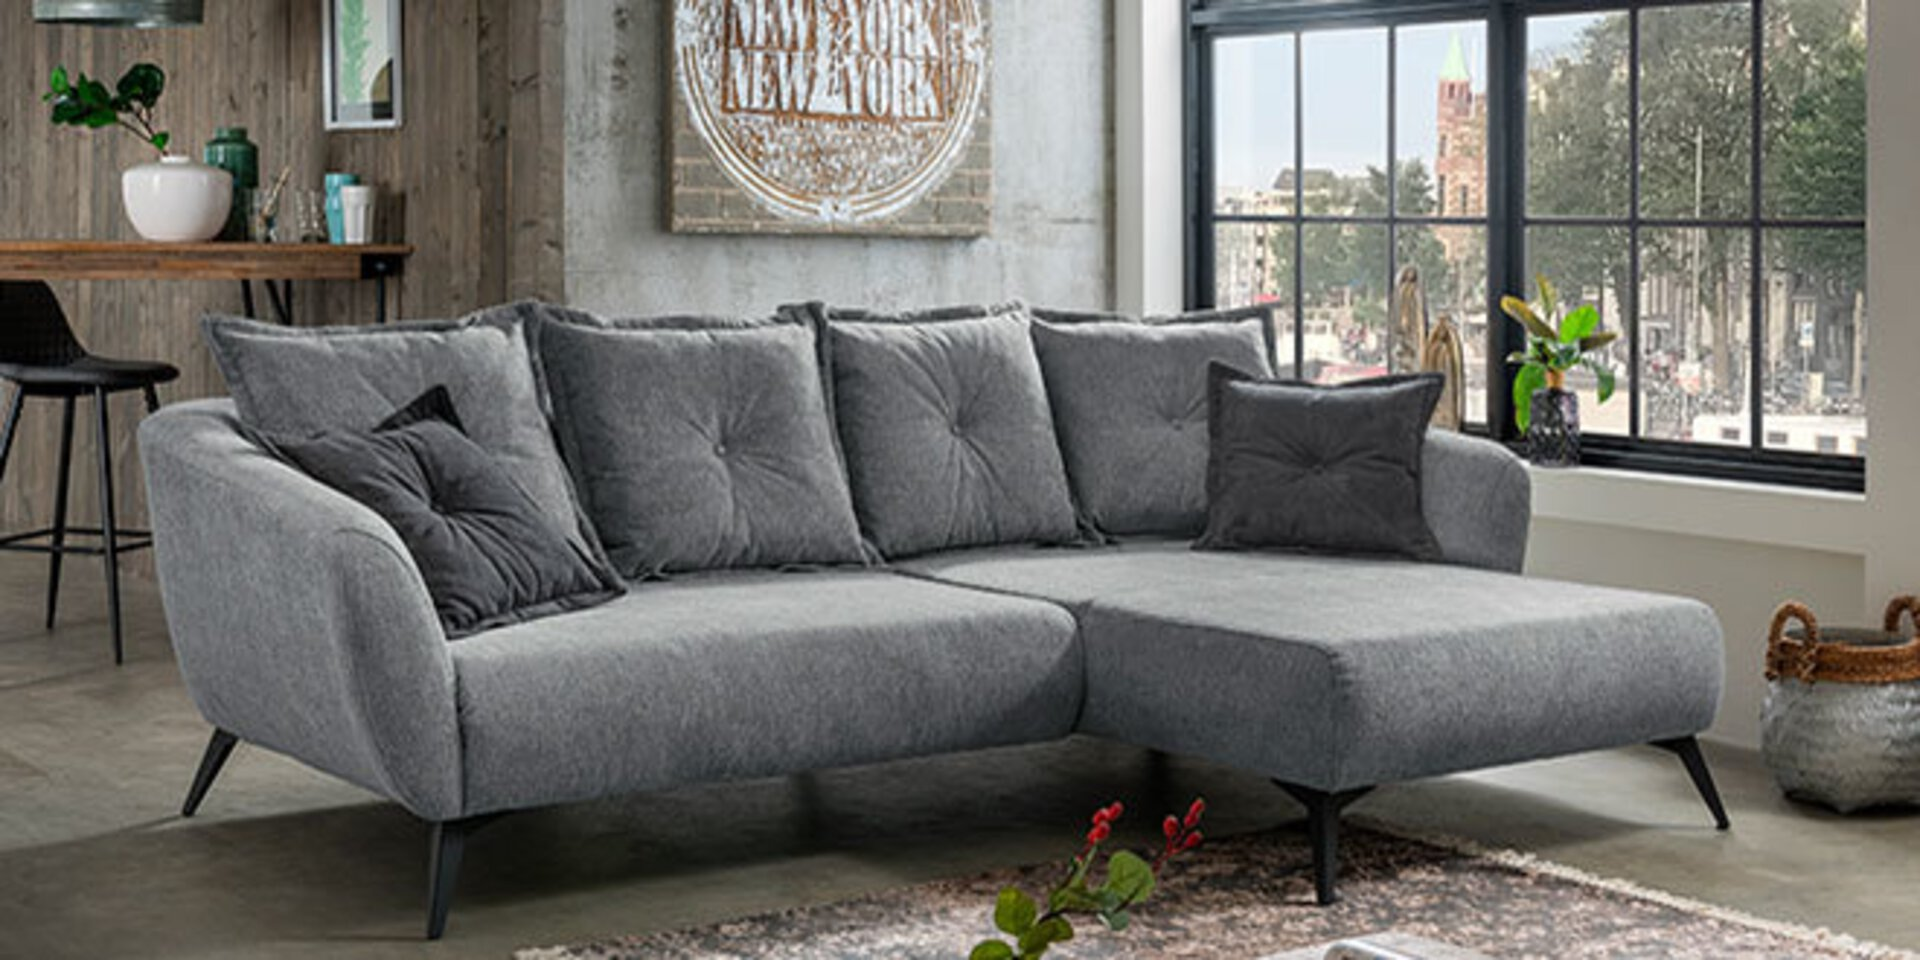 Titelbild der Marke Celect - den Möbeln zum direkten Mitnehmen bei Möbel Inhofer.